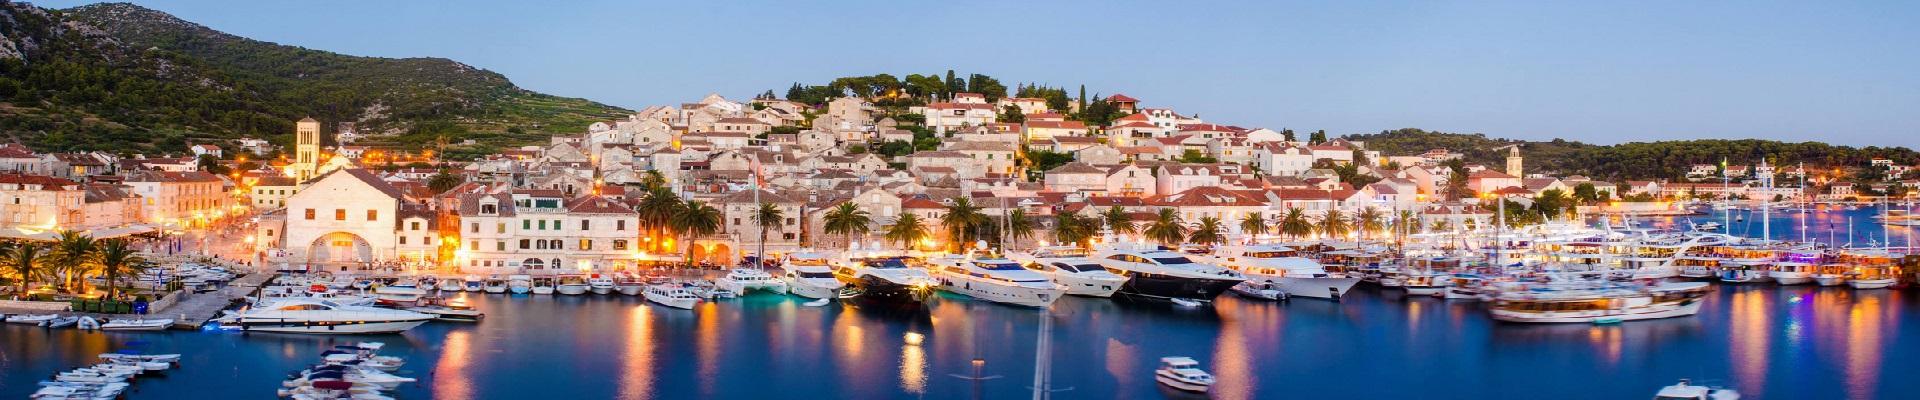 Hvar boat trip from Dubrovnik